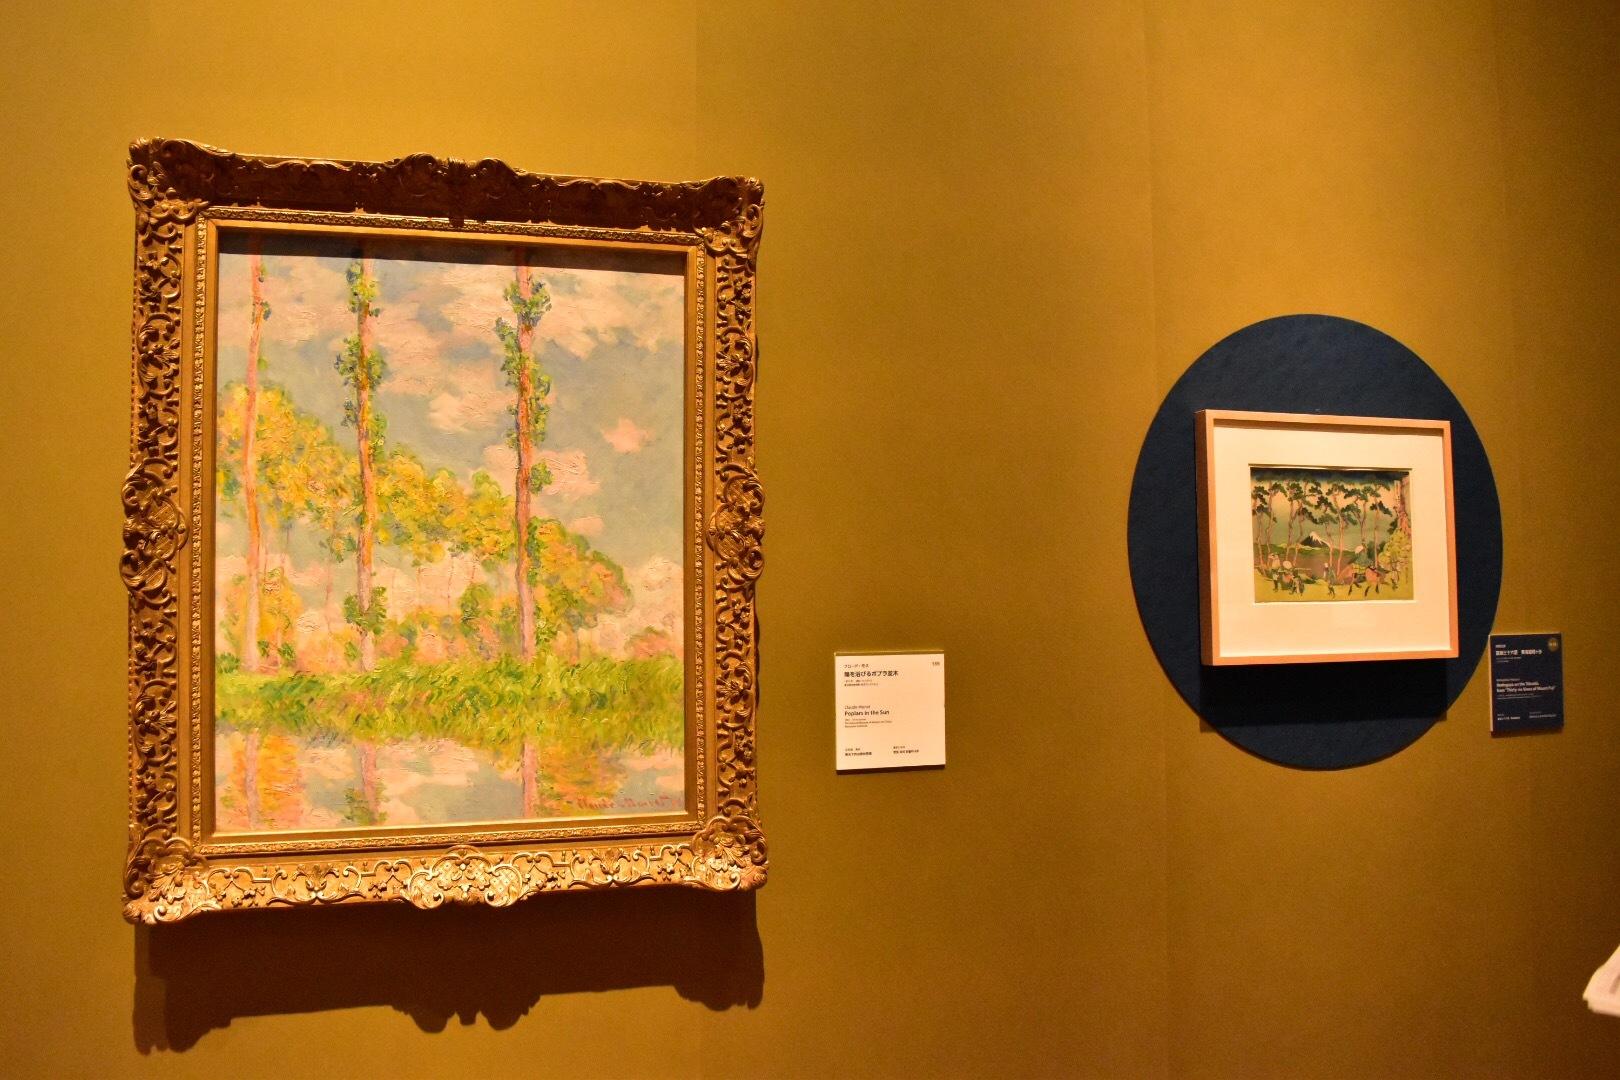 左:クロード・モネ《陽を浴びるポプラ並木》1891年 国立西洋美術館(松方コレクション) 右奥:葛飾北斎《冨嶽三十六景 東海道程ヶ谷》1830-33(天保元-4)年頃 ミネアポリス美術館